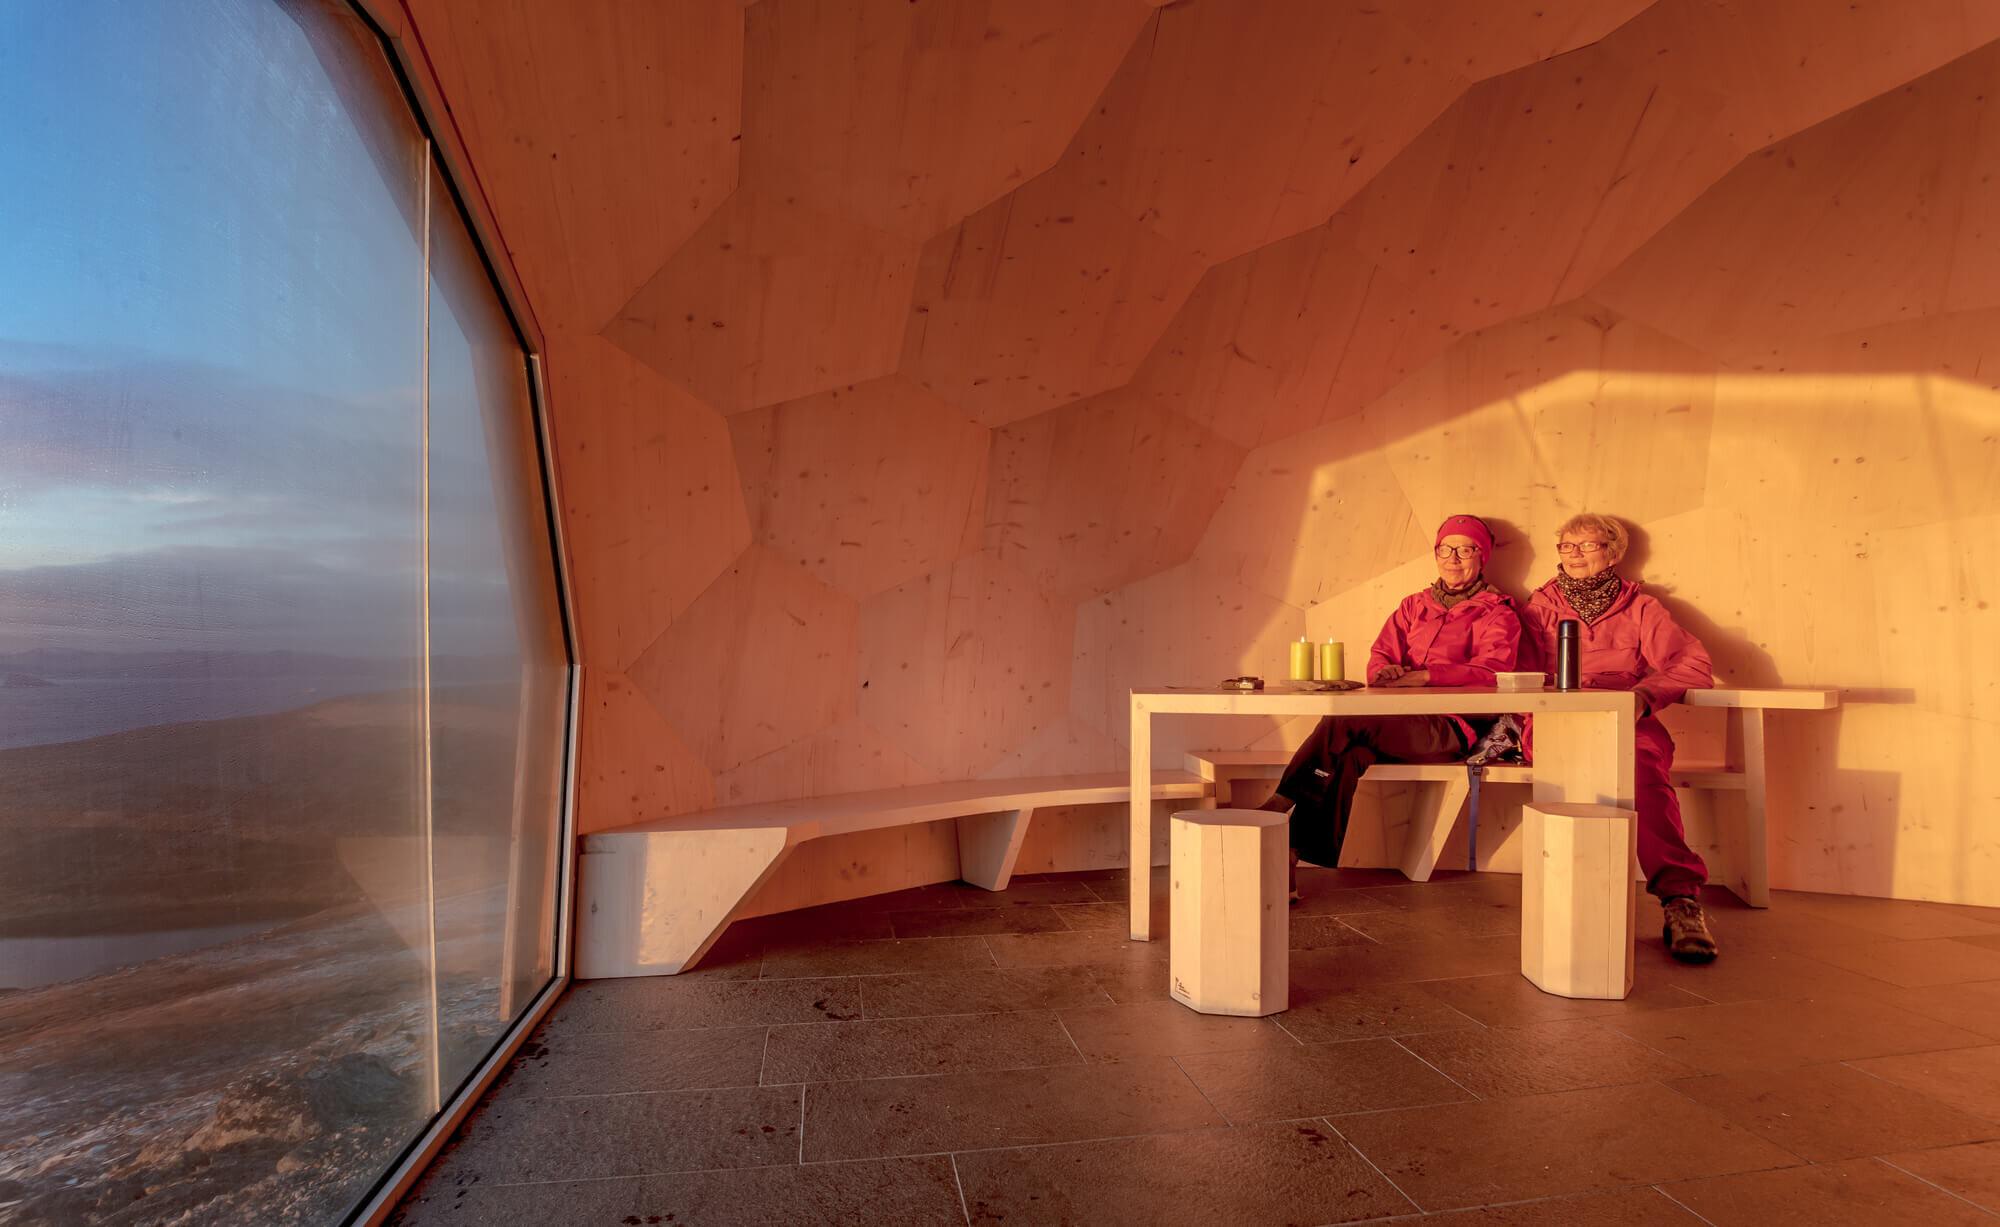 Hammerfest-Hiking-Cabins-SPINN-Arkitekter-Norway-4